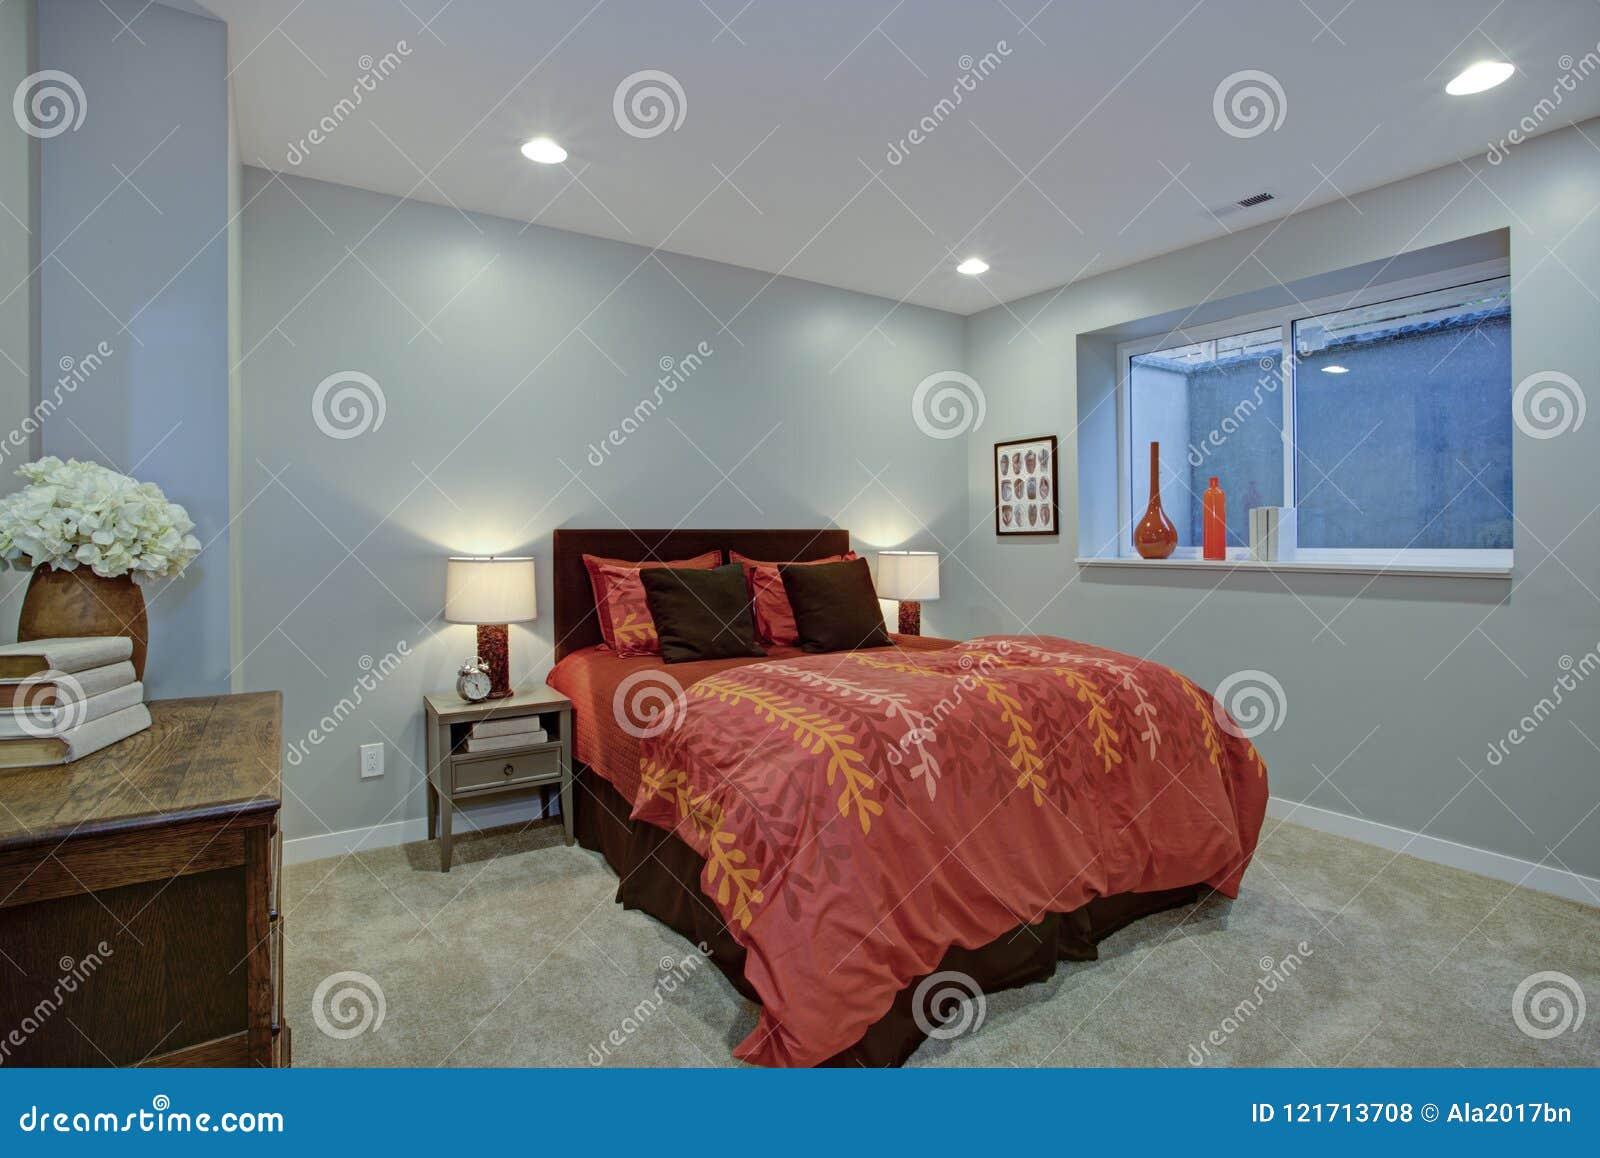 Camere da letto pareti blu blu appartamento con camera da letto separata u foto stock camera - Pareti blu camera da letto ...